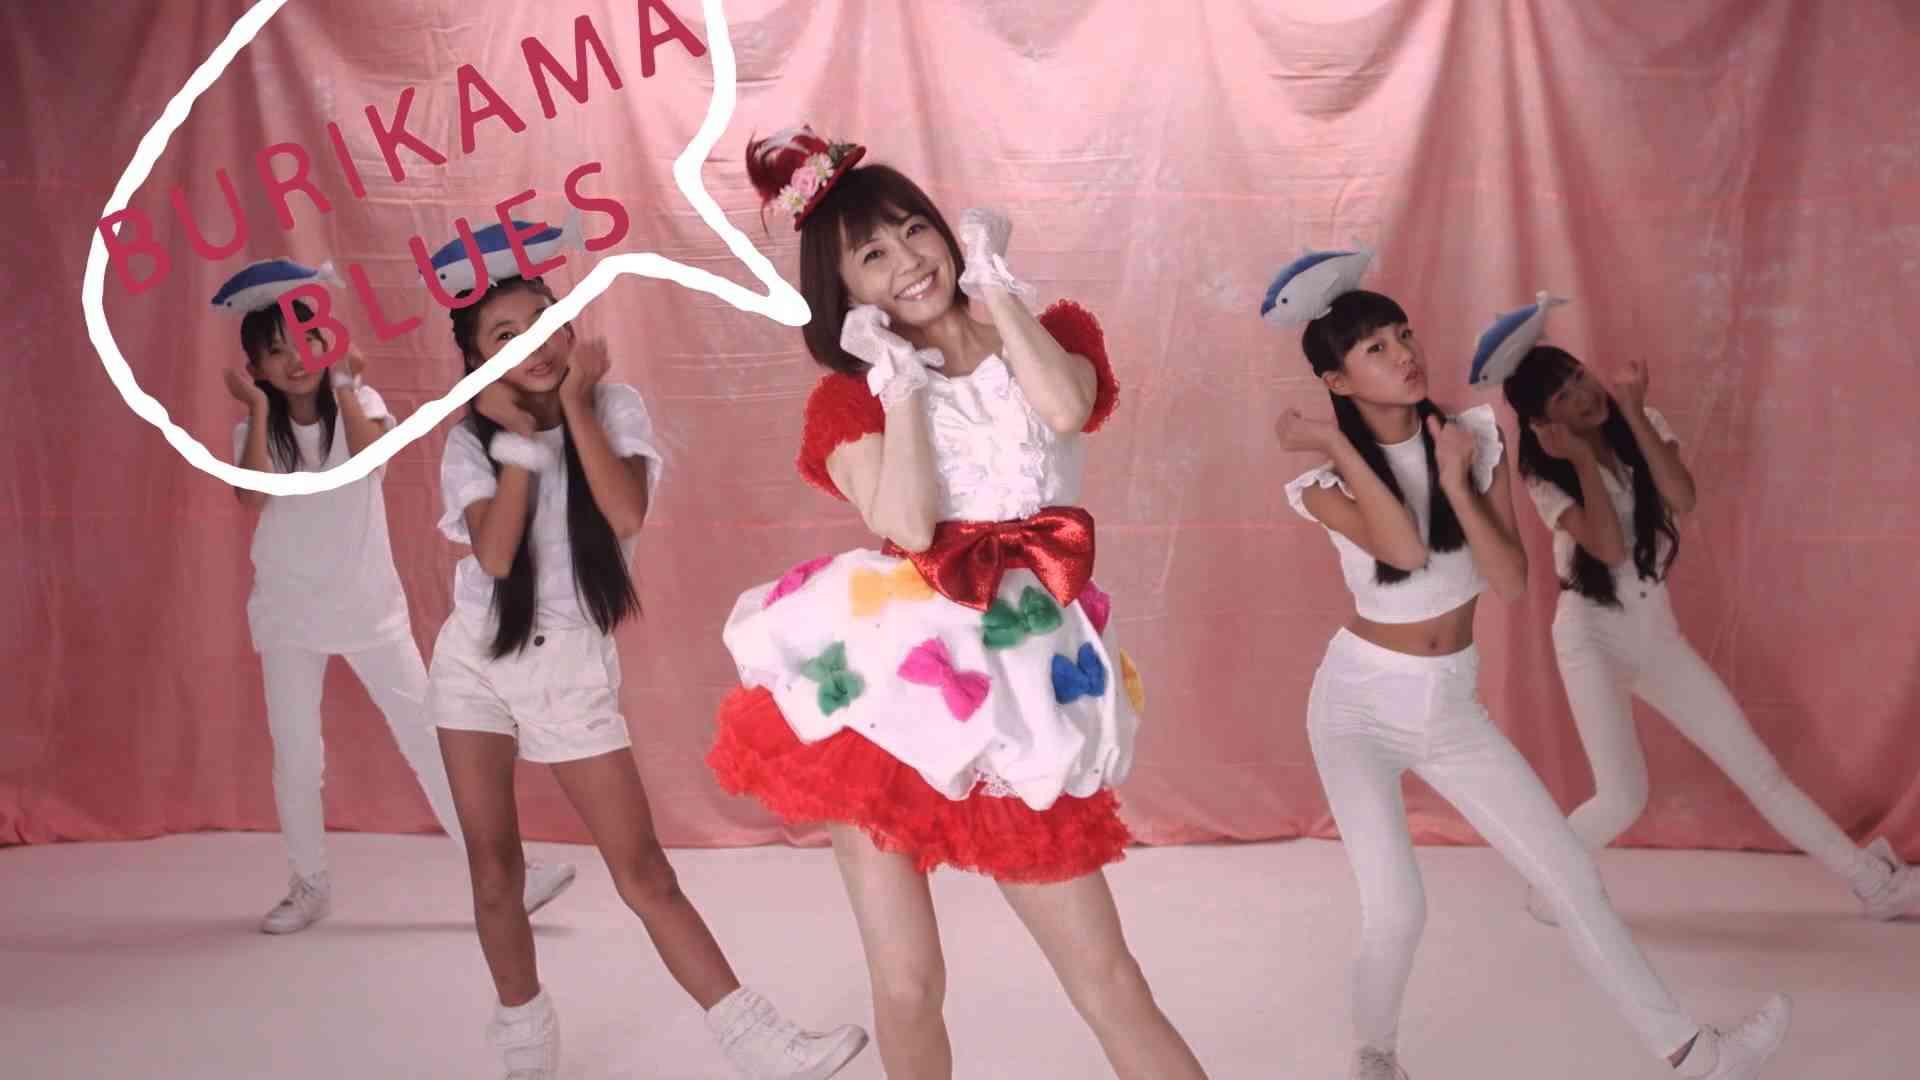 【公式】小林麻耶「ブリカマぶるーす」Music Video - YouTube